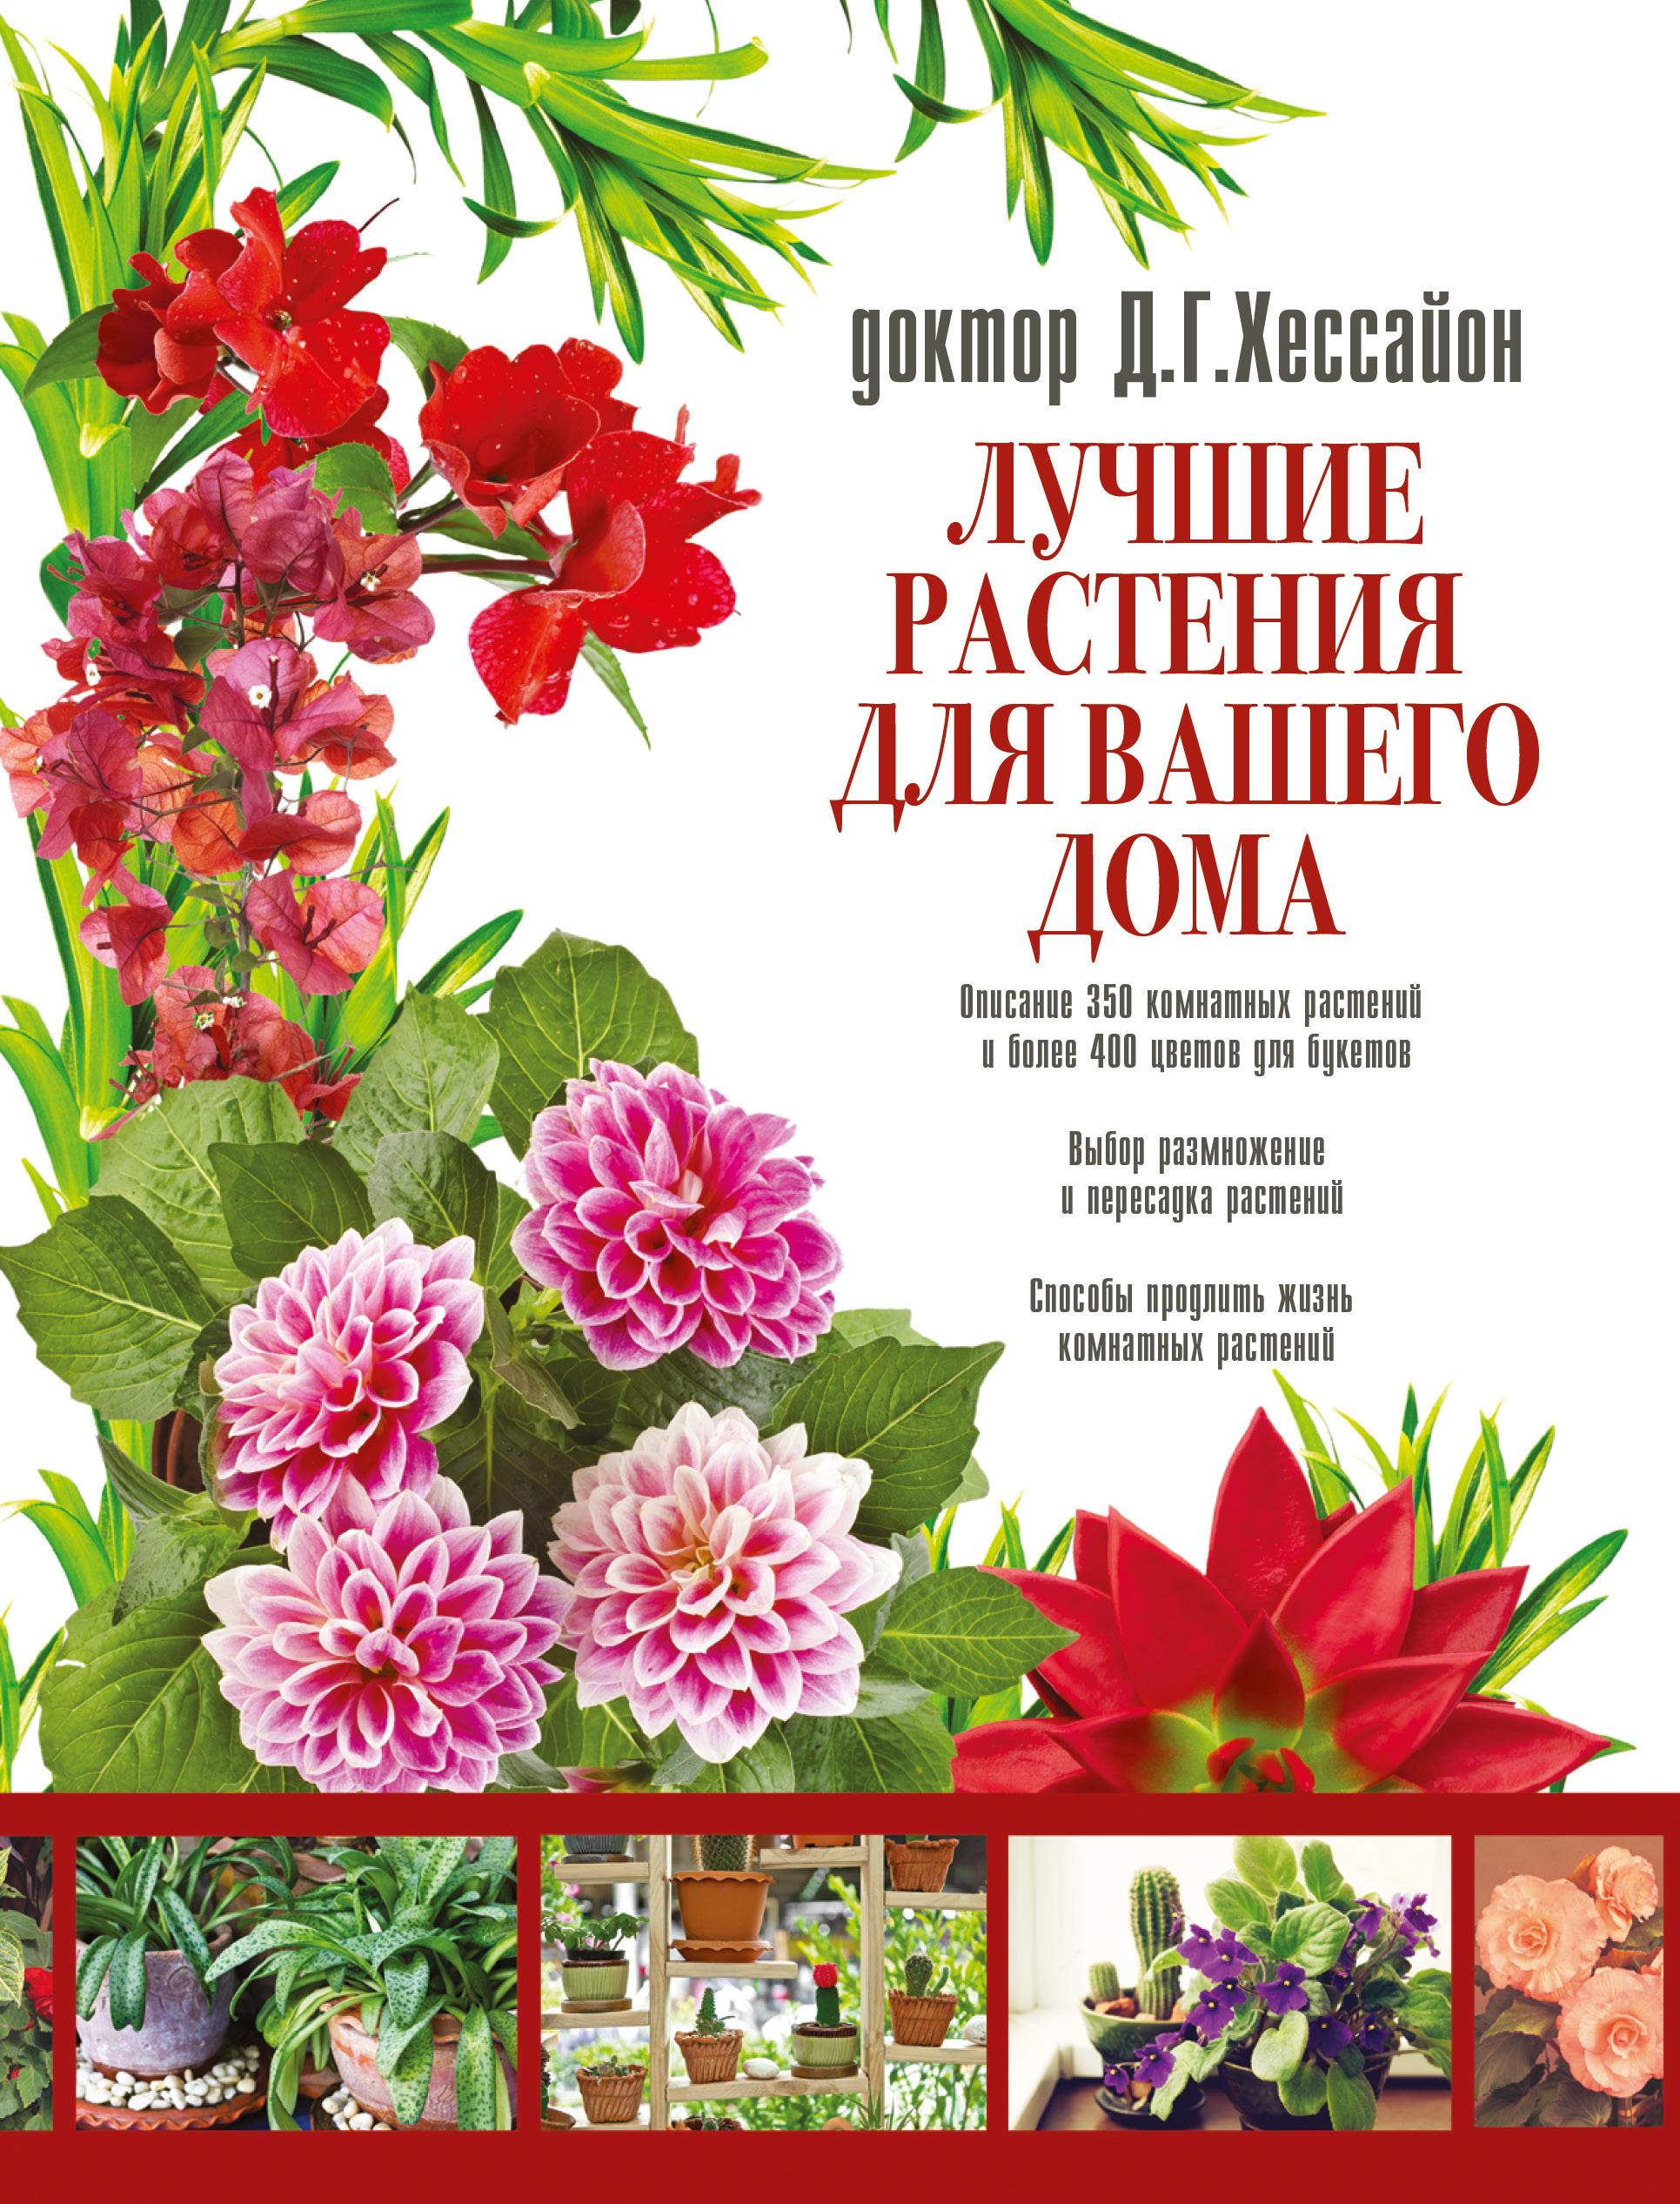 Хессайон Д.Г. Лучшие растения для вашего дома интернет магазин комнатных цветов луковицы калл недорого